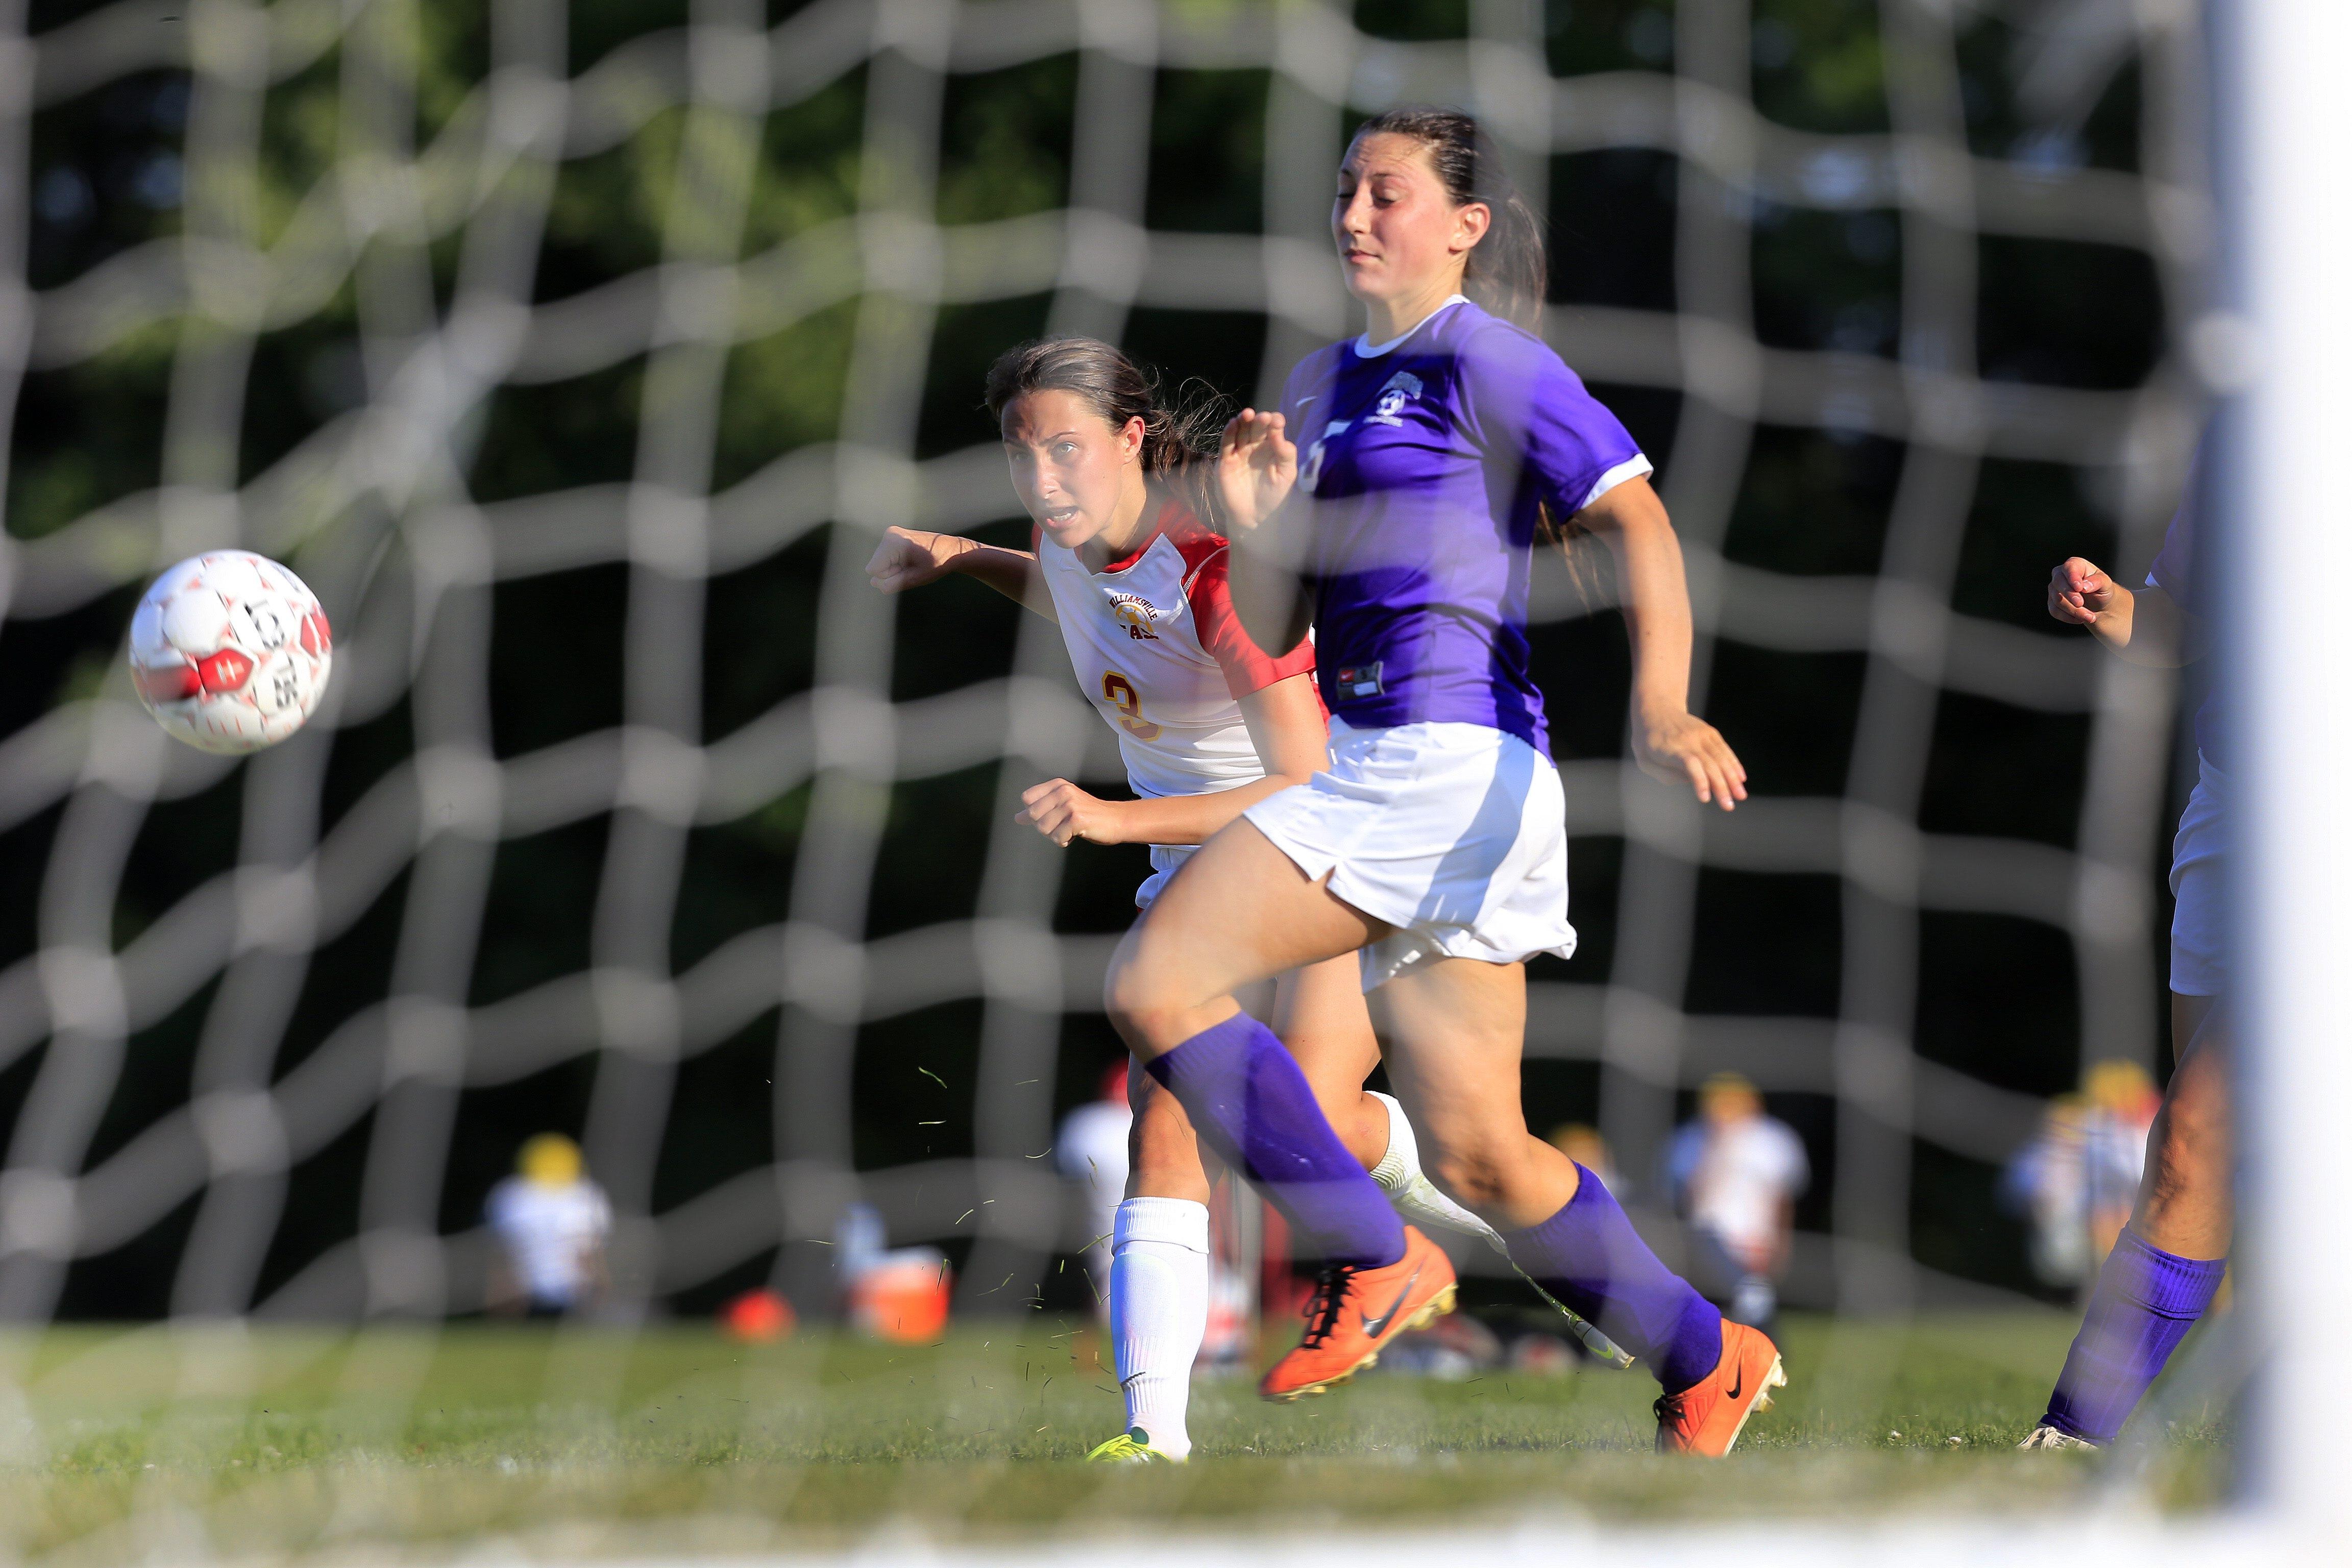 Williamsville East's Marissa Birzon shoots past Hamburg's Katie Villarini in Thursday's game. Birzon scored all four East goals.